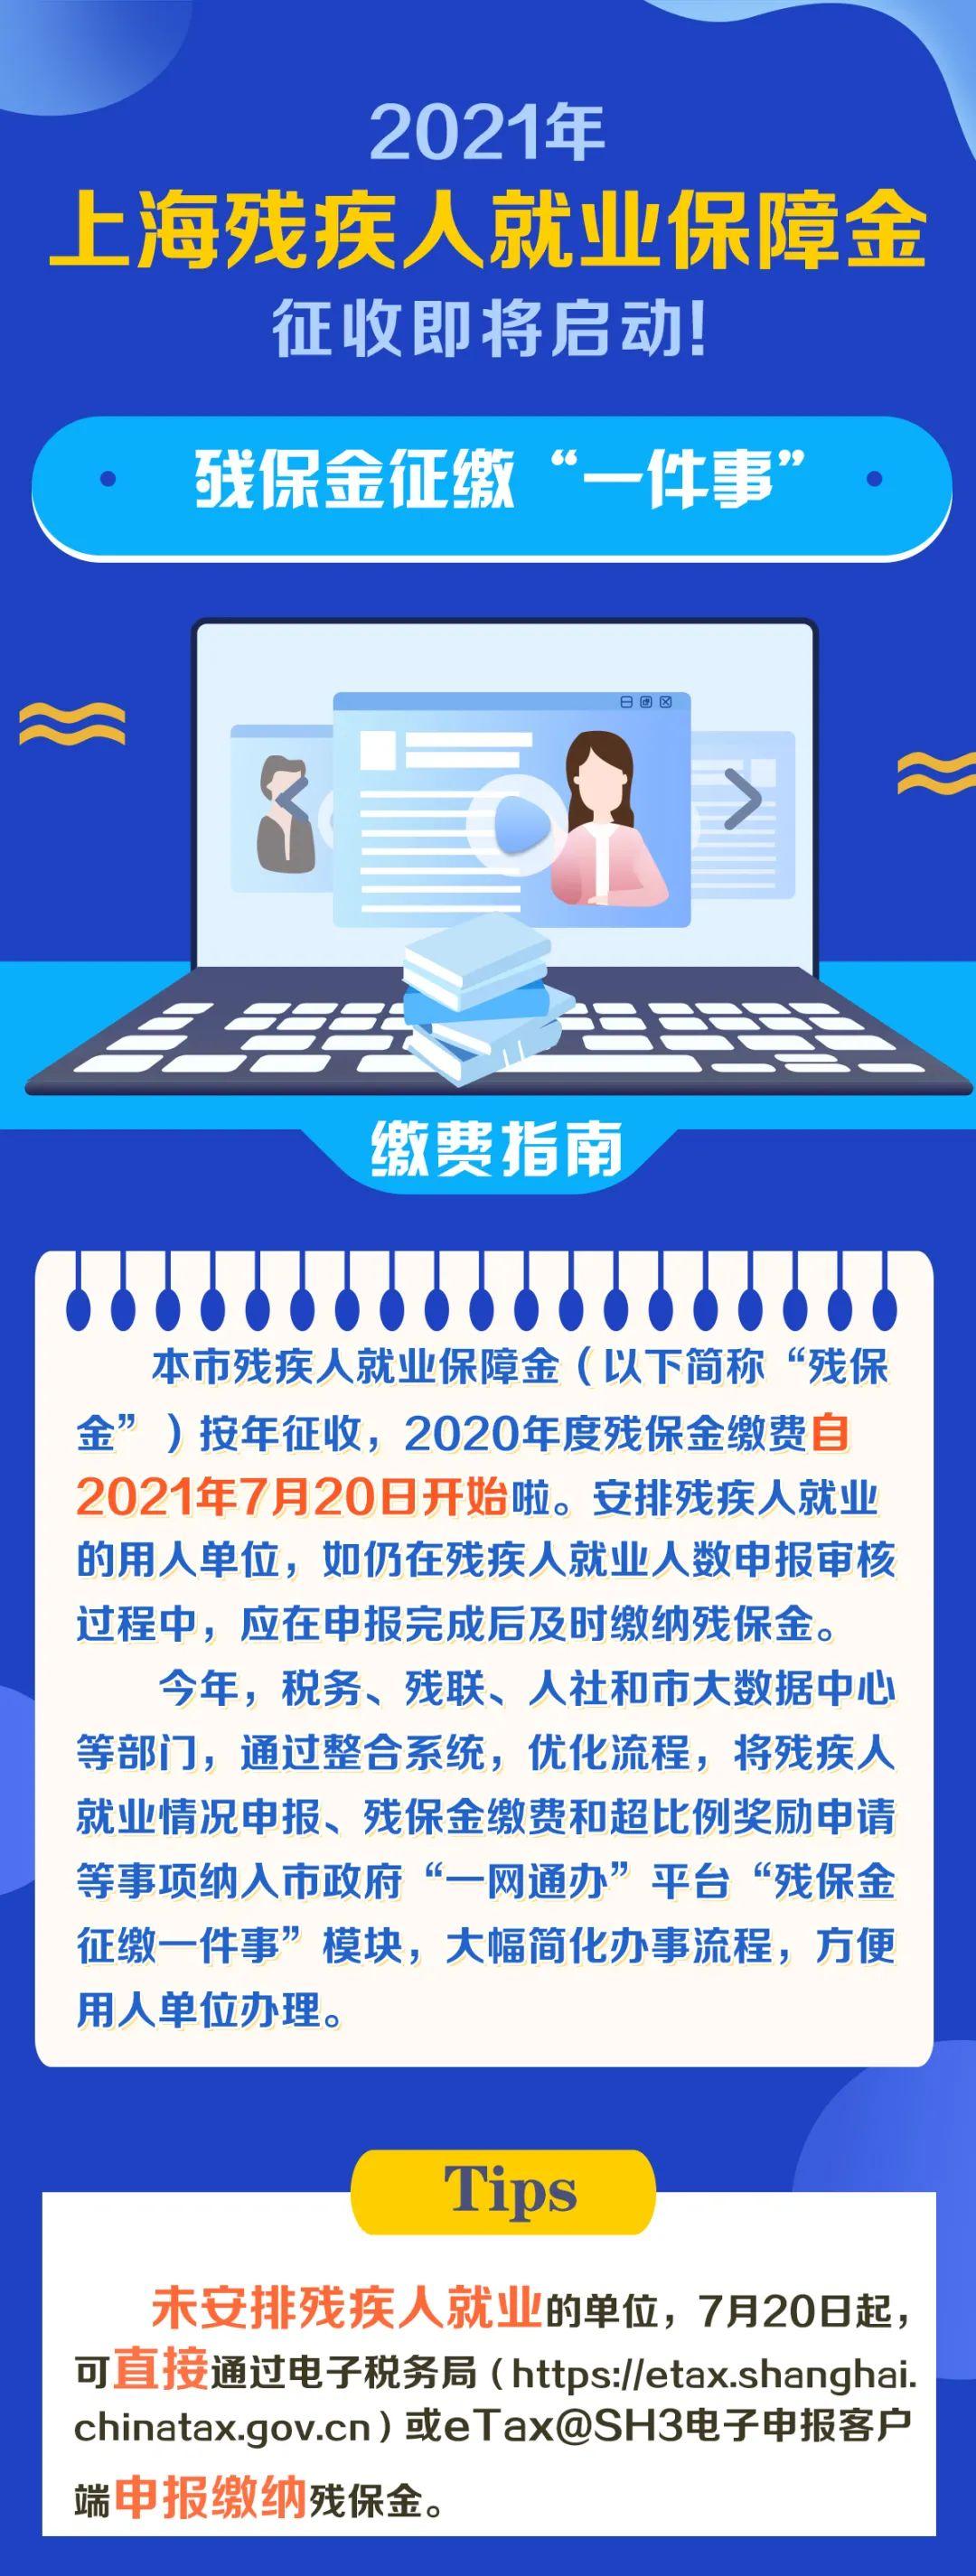 """2021年上海残疾人就业保障金今天开始征收!为您送上残保金征缴""""一件事""""缴费指南~插图"""